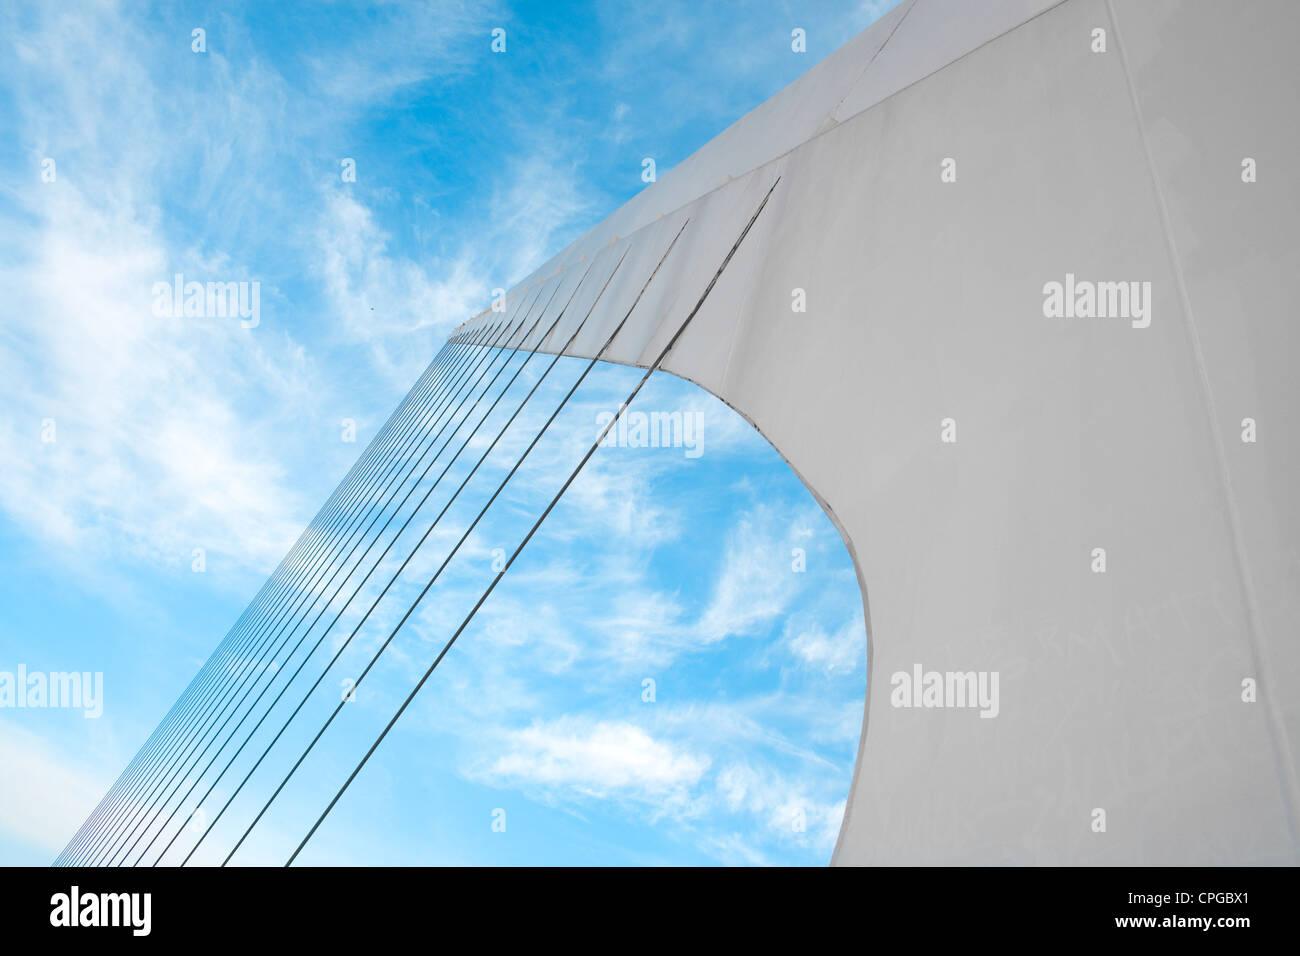 Sistema de cables de puente de la Mujer (Puente de la Mujer) diseñado por Santiago Calatrava, Buenos Aires Imagen De Stock